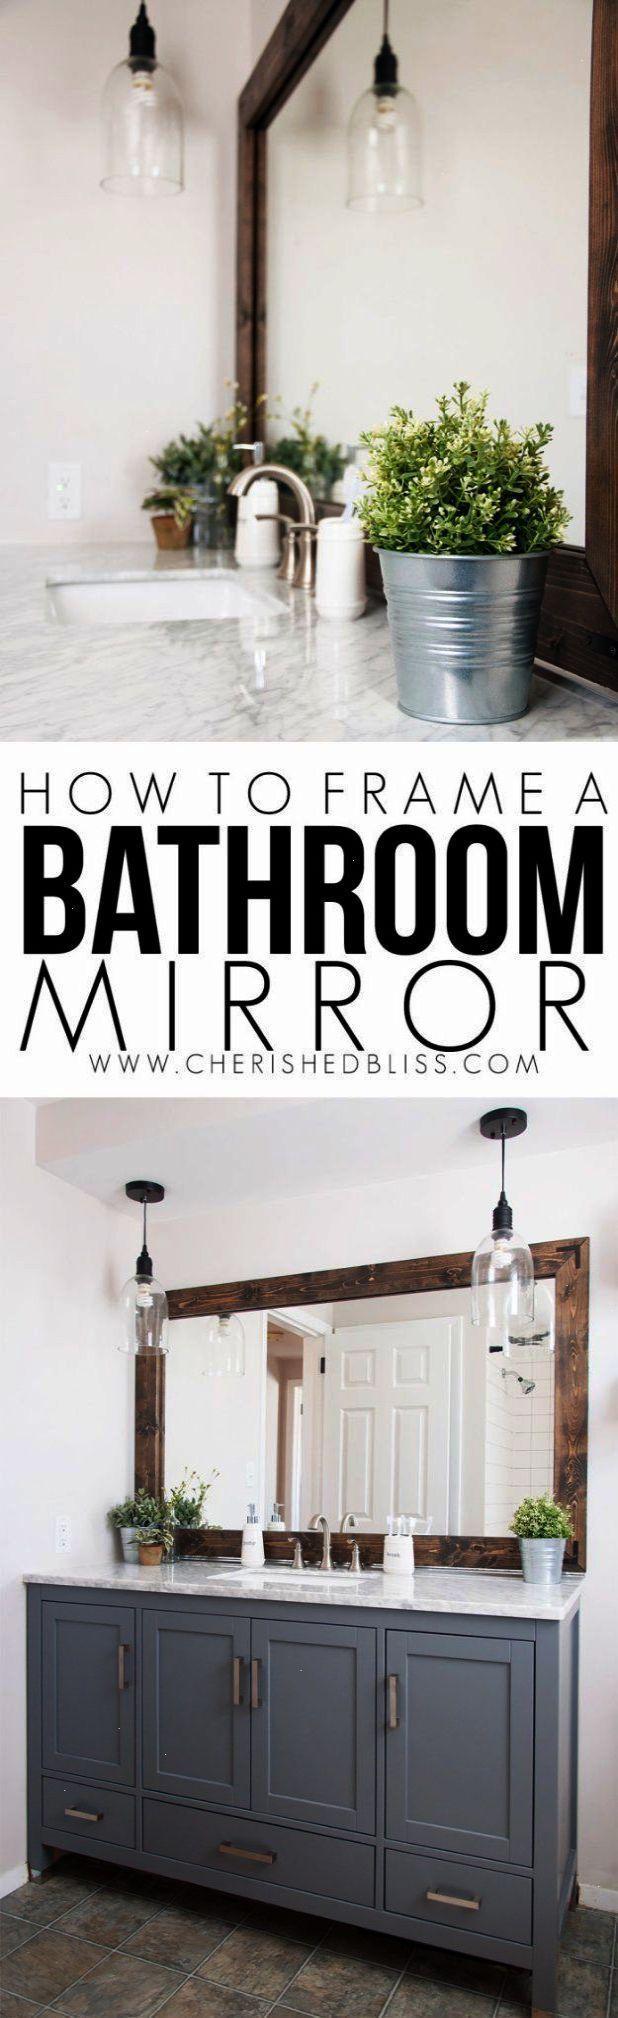 Diy bathroom decor ideas wood framed bathroom mirror tutorial